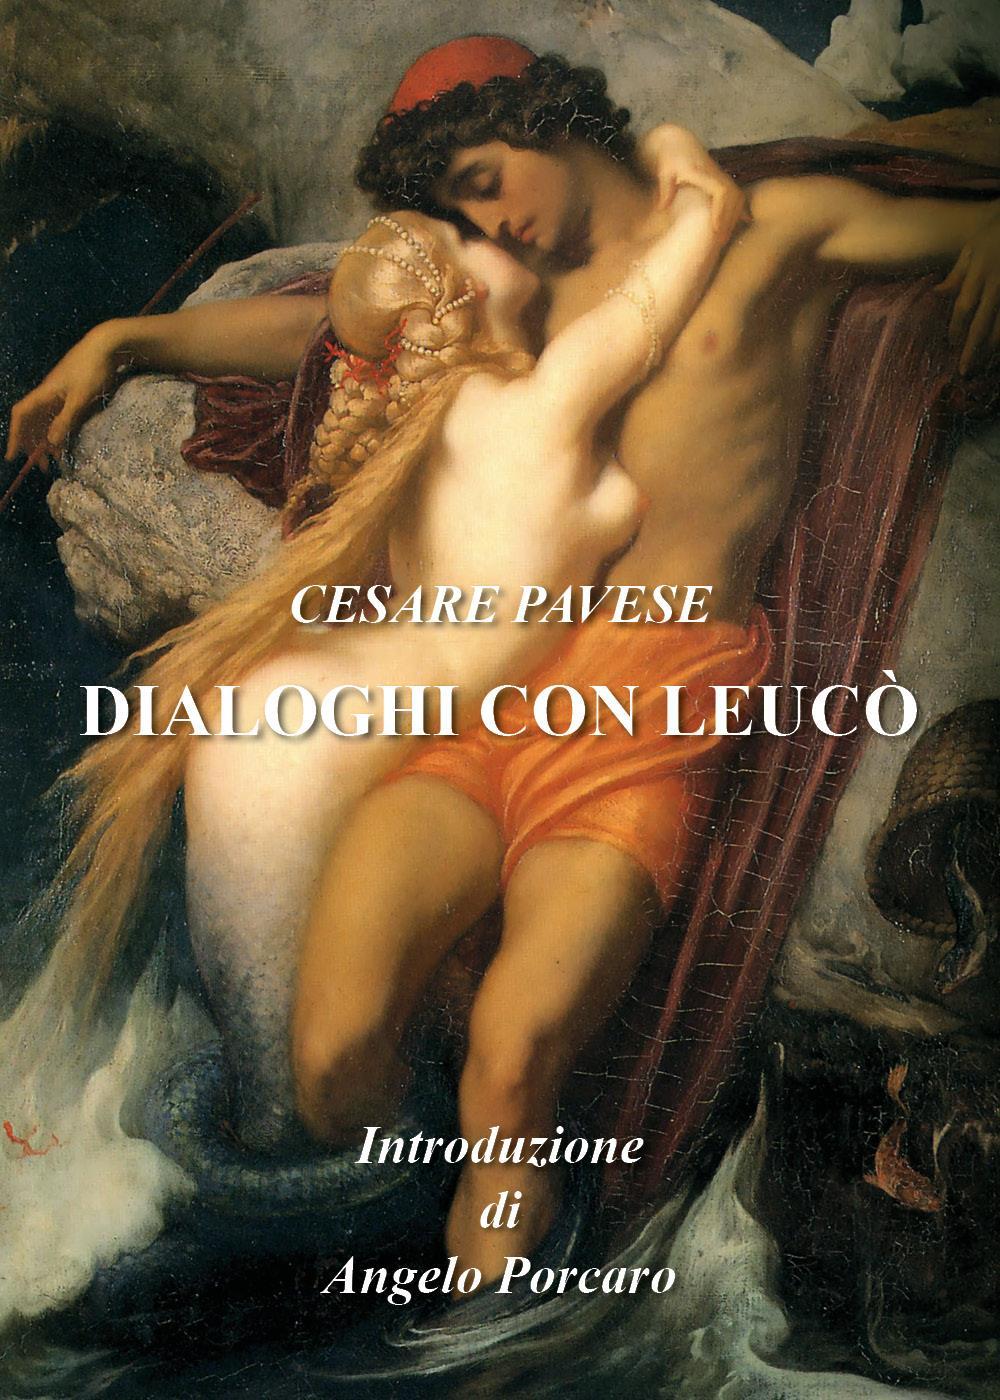 Dialoghi con Leucò - Introduzione di ANGELO PORCARO